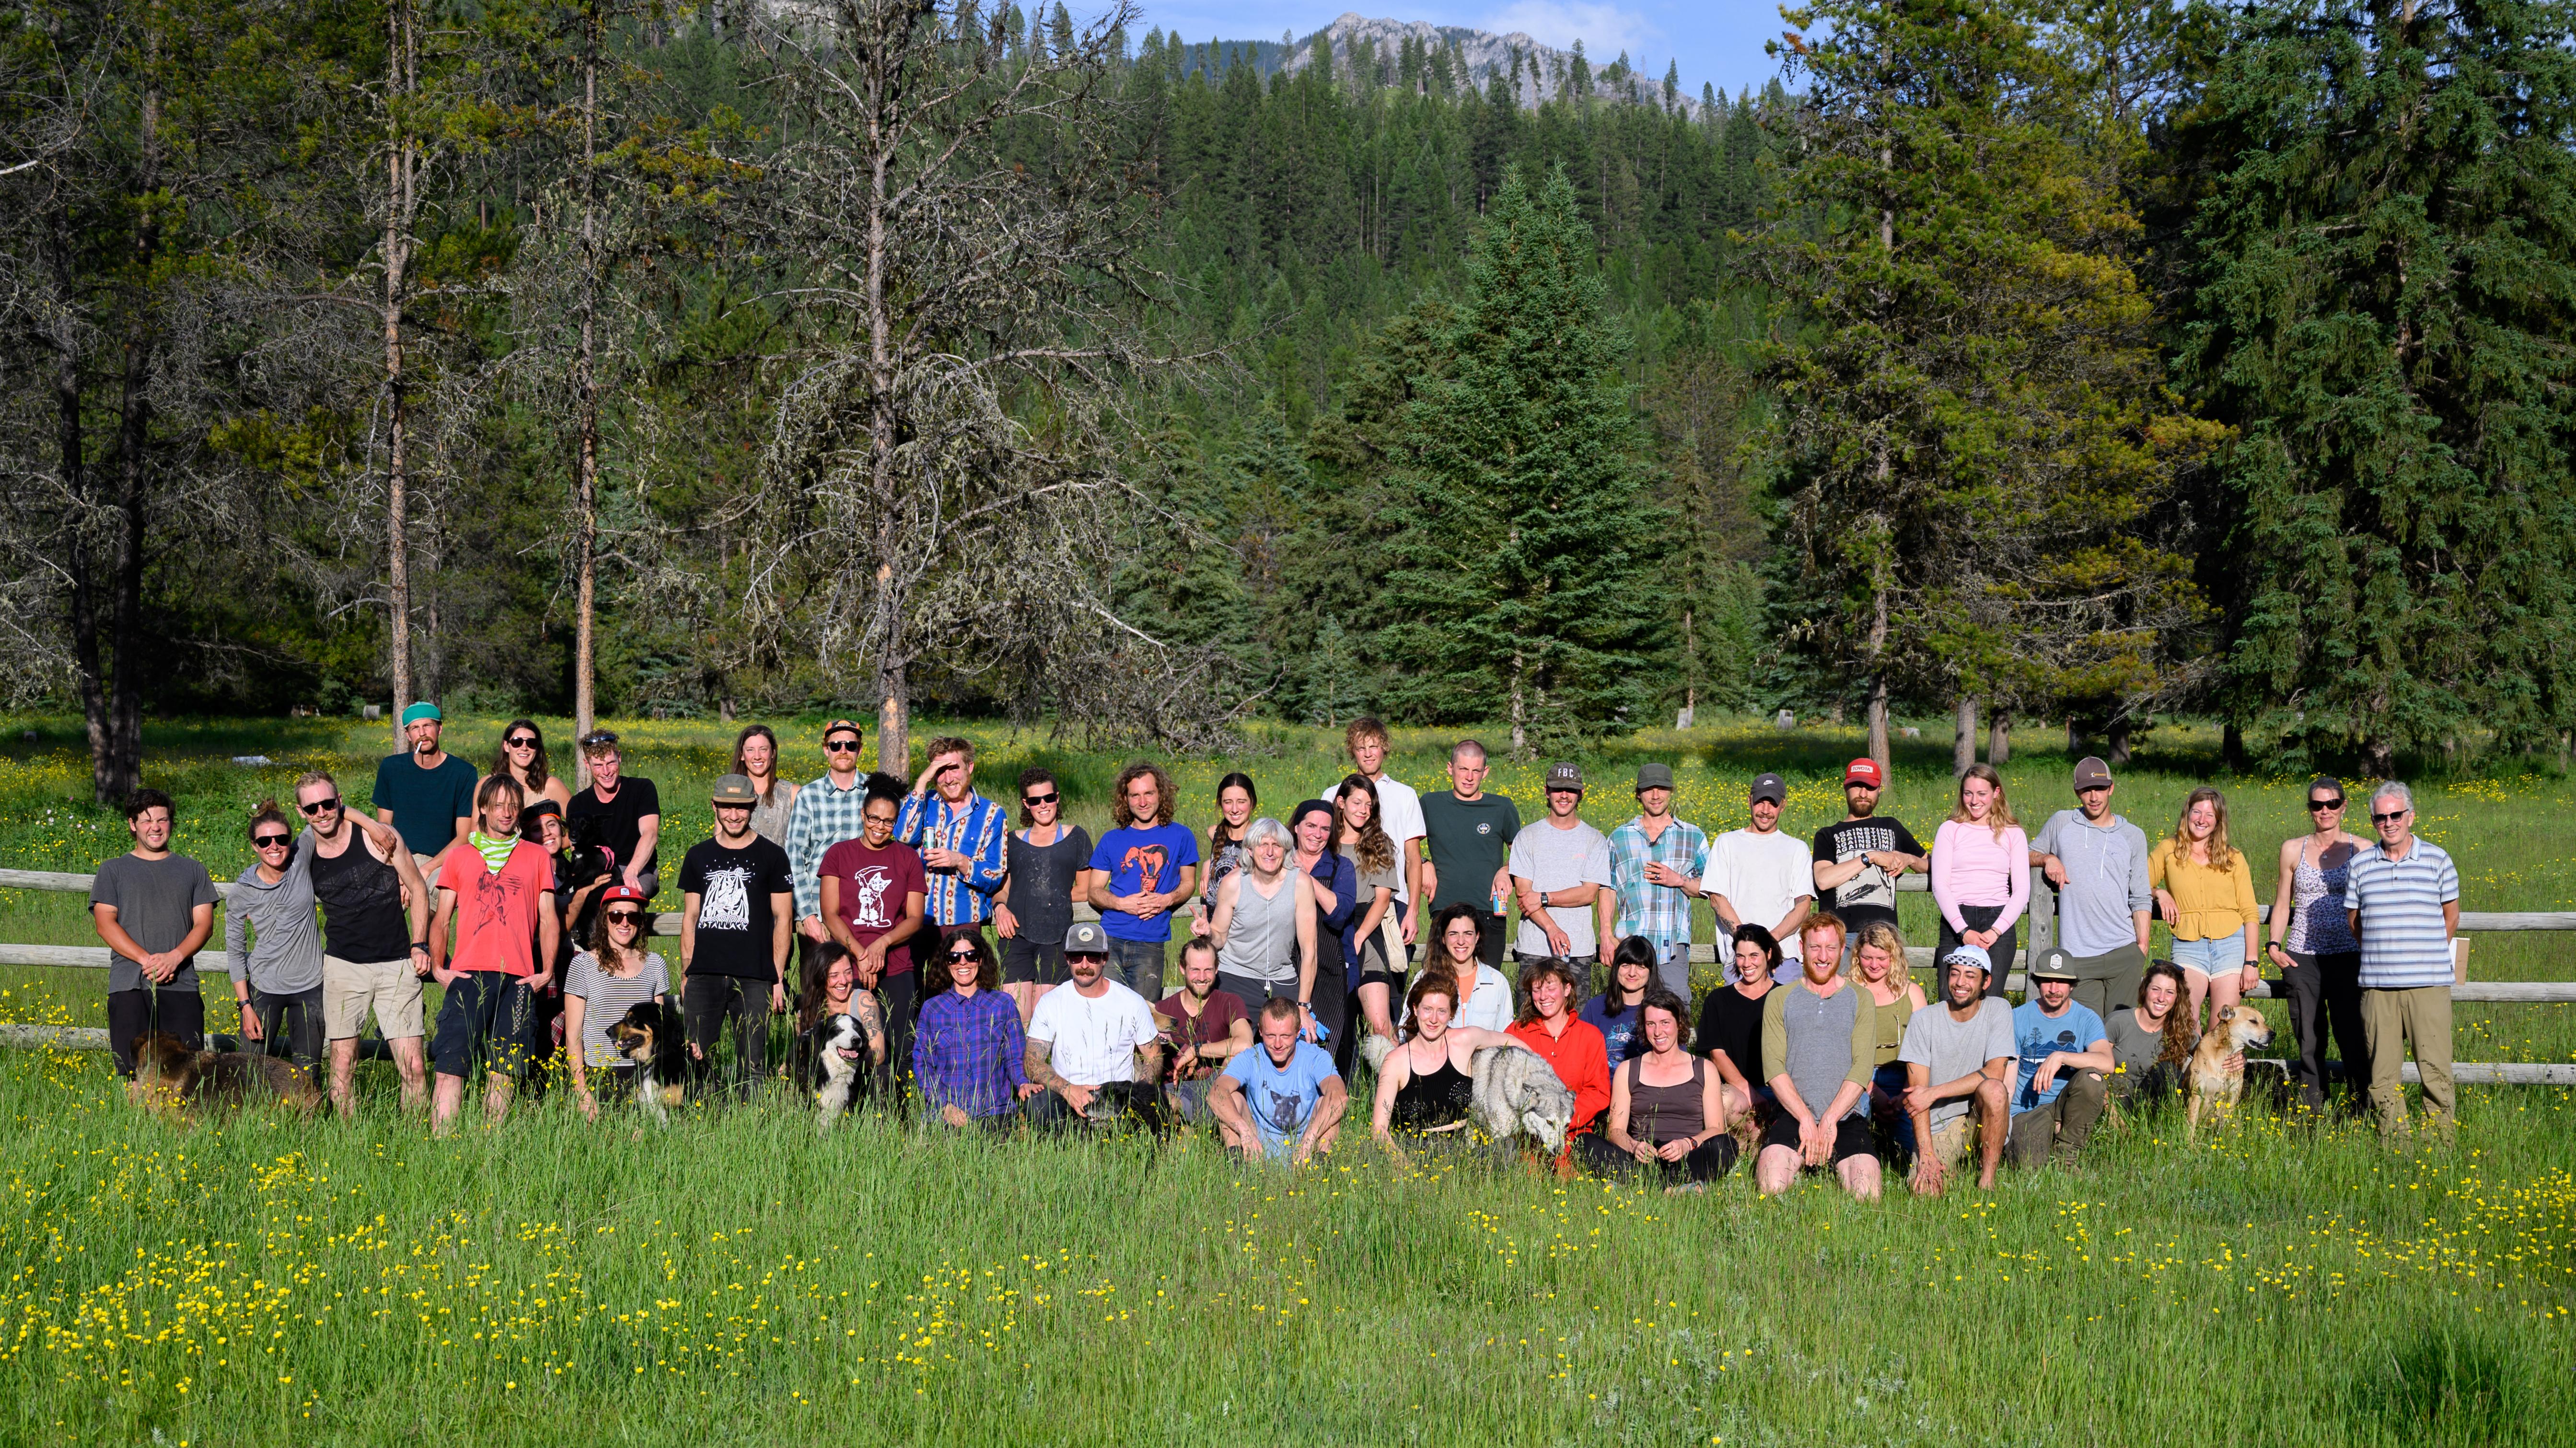 2020 Camp Crew Photo